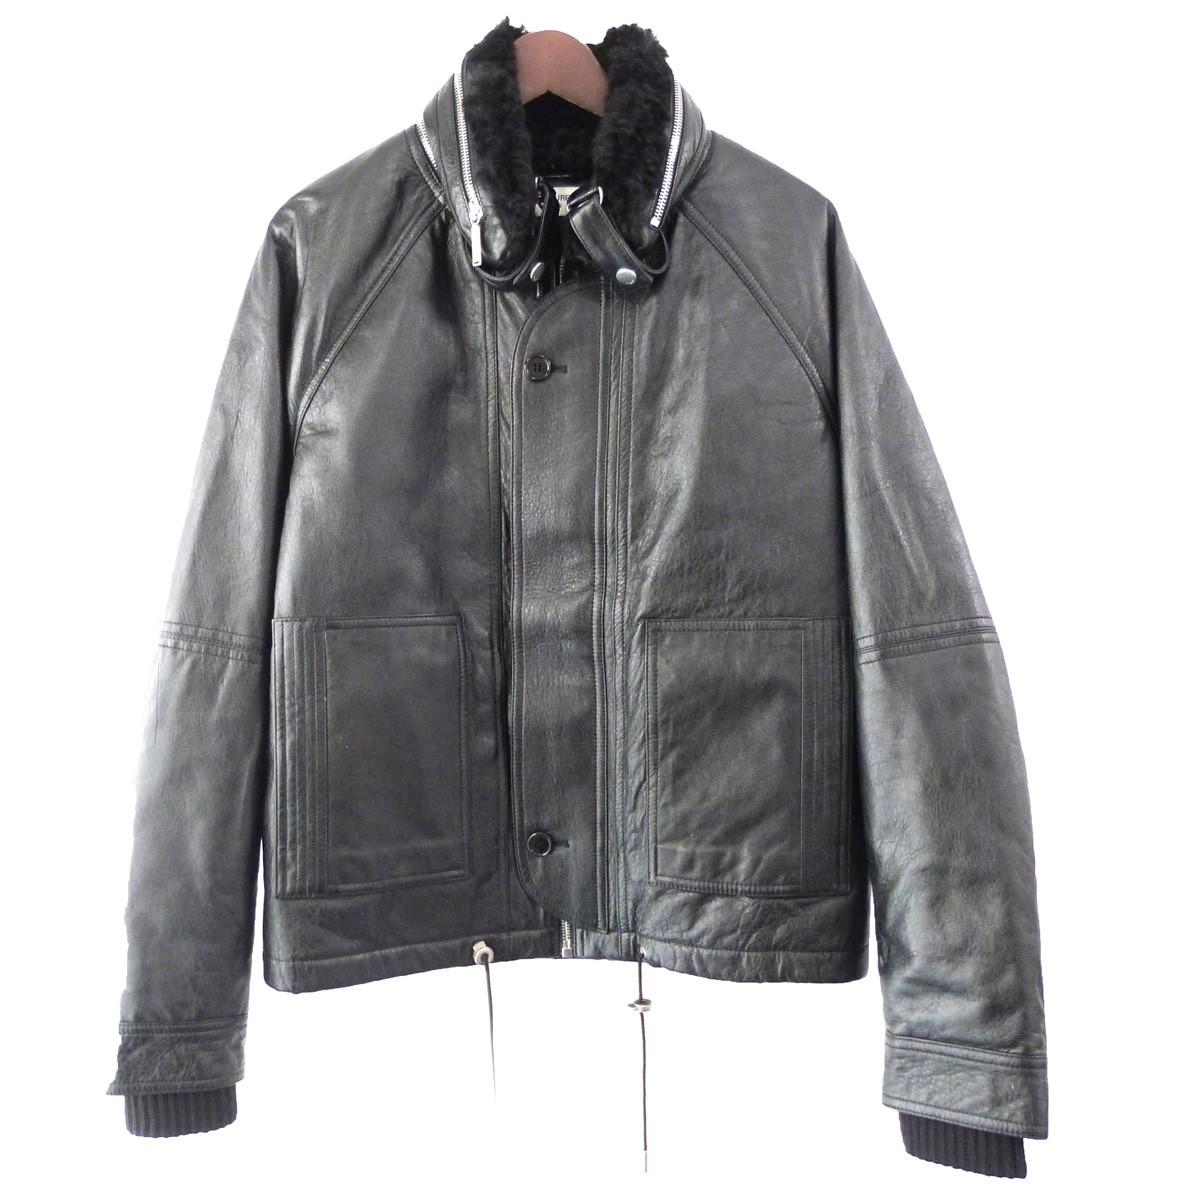 【中古】SAINT LAURENT PARIS 17AW ムートンライナーレザージャケット ブラック サイズ:46 【011119】(サンローランパリ)